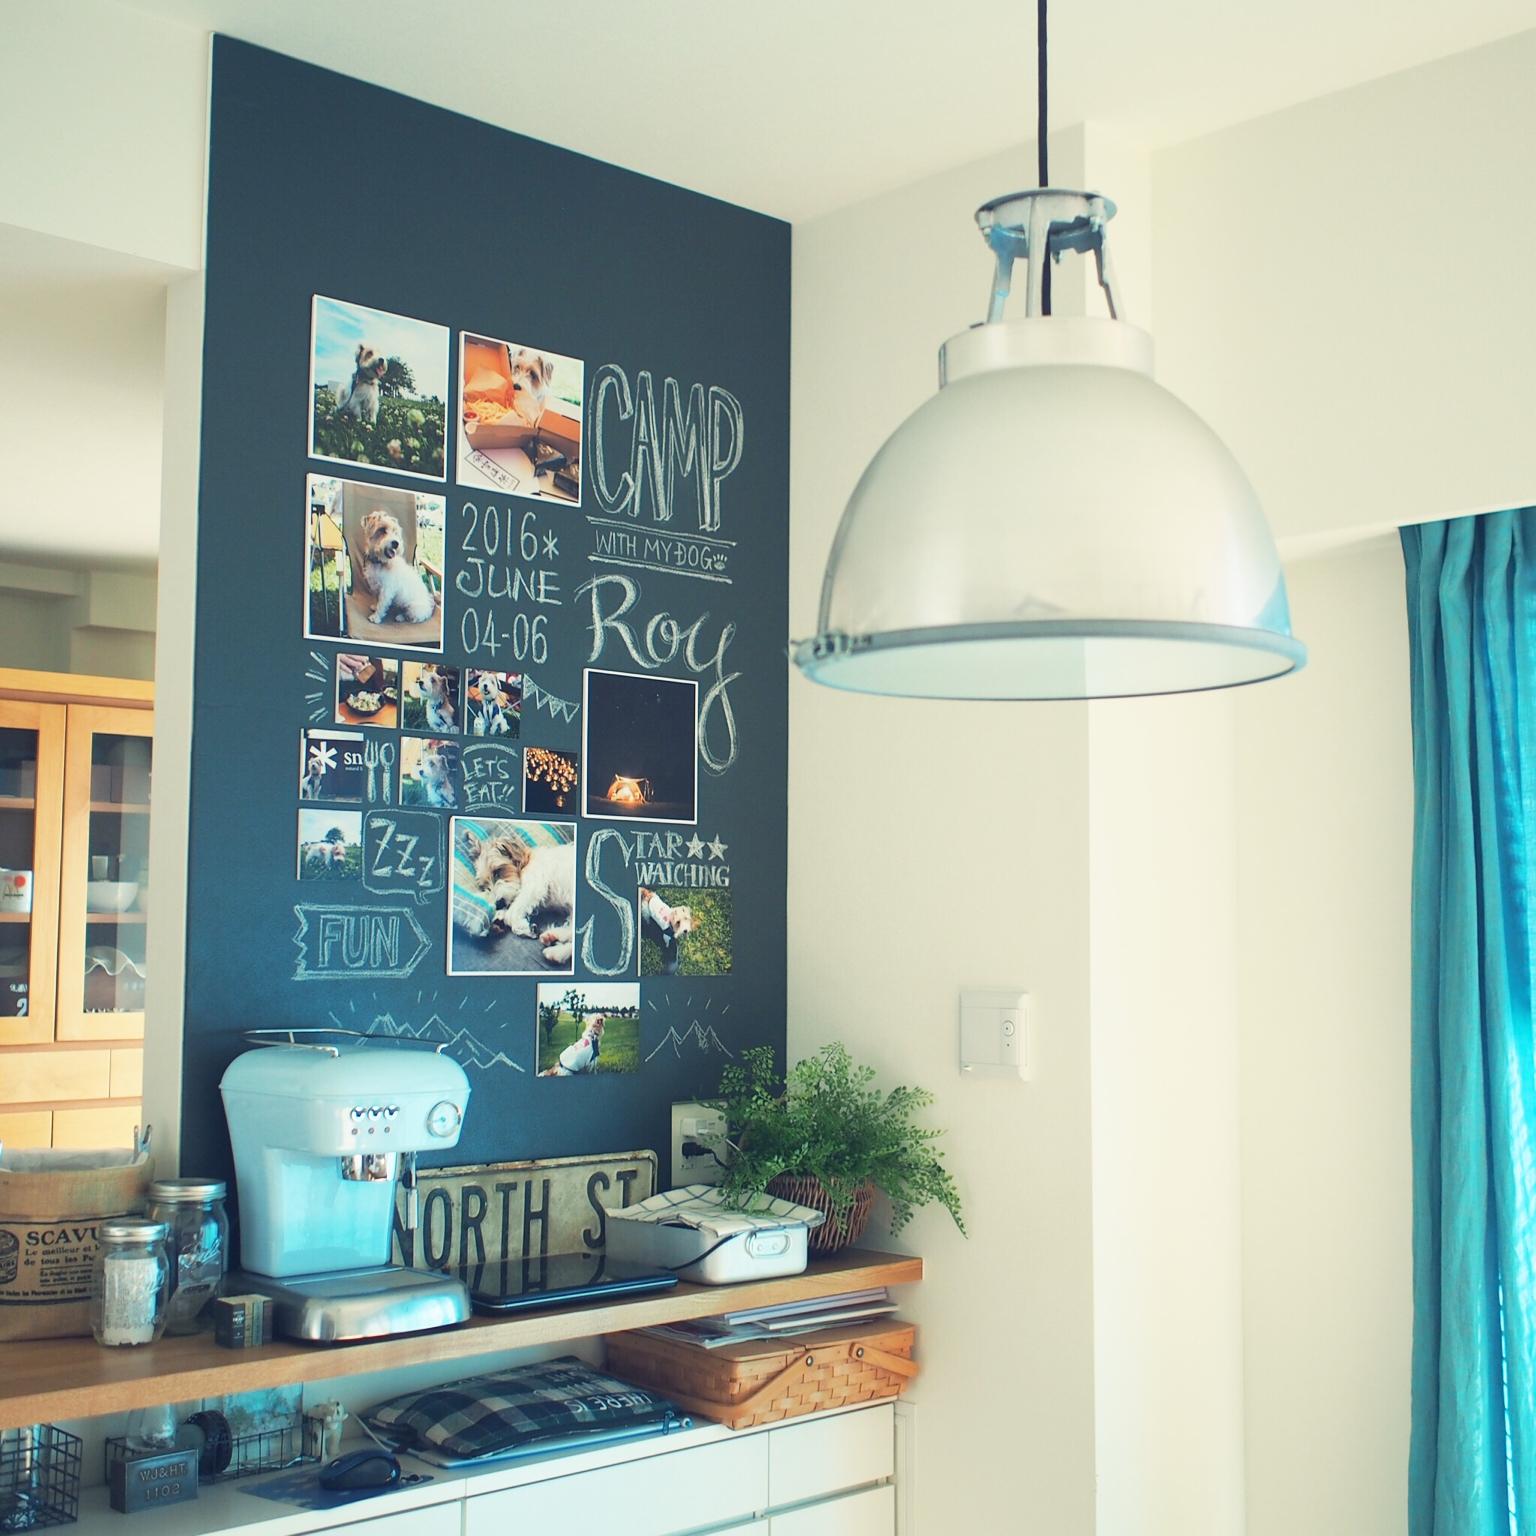 女性で、3LDK、家族住まいのDIY/カフェ風/黒板/チョークアート風/壁/天井についてのインテリア実例を紹介。